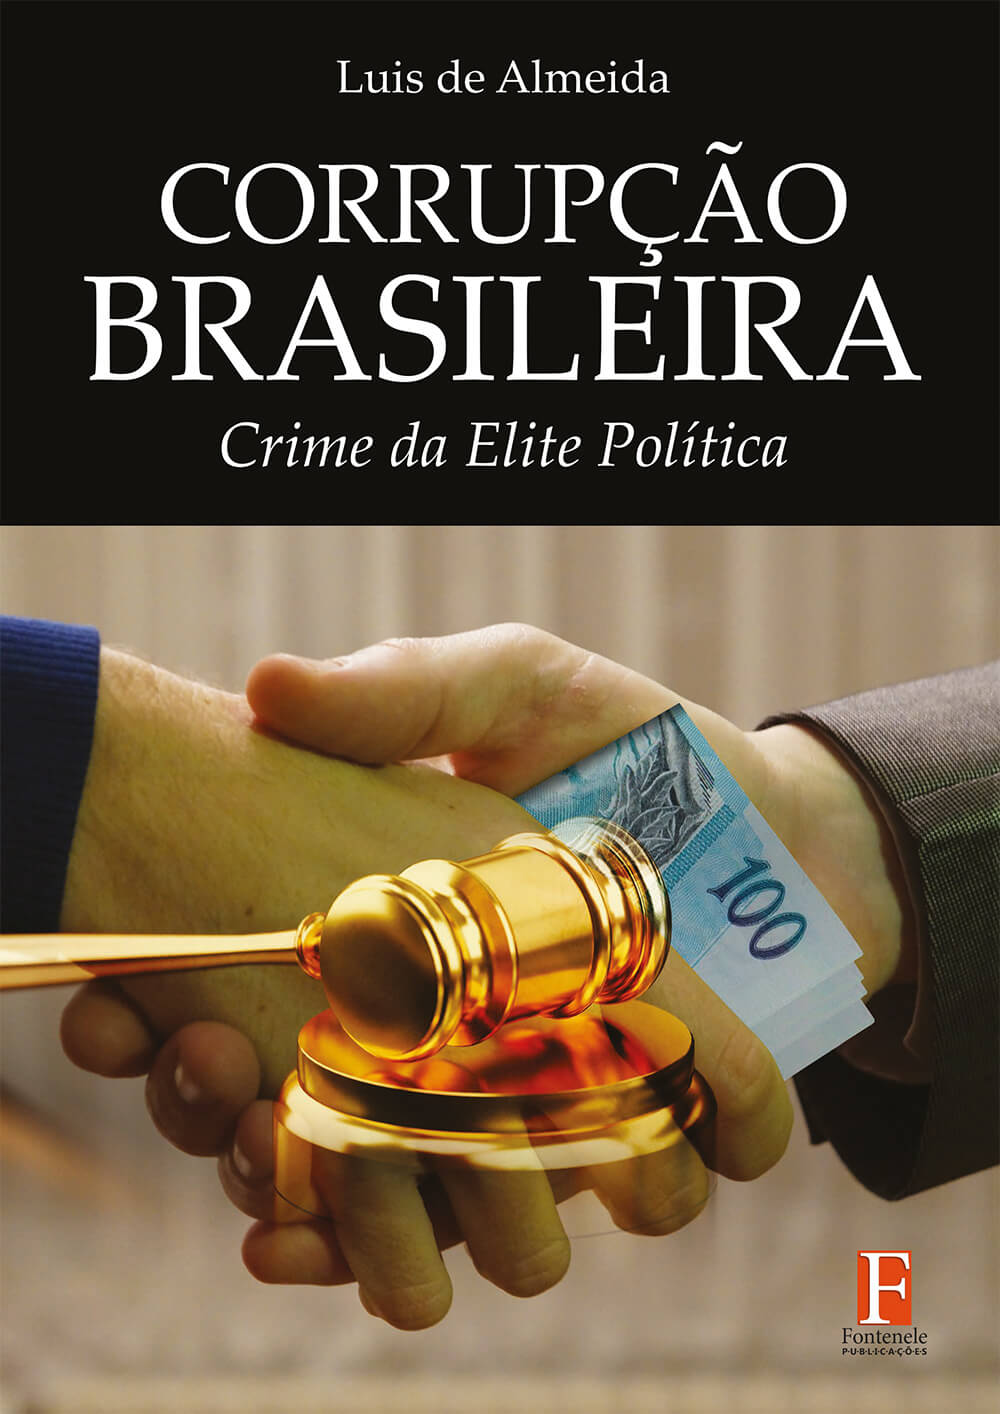 Fontenele Publicações / 11 95150-3481 / 11  95150-4383 CORRUPÇÃO BRASILEIRA: Crime da Elite Política